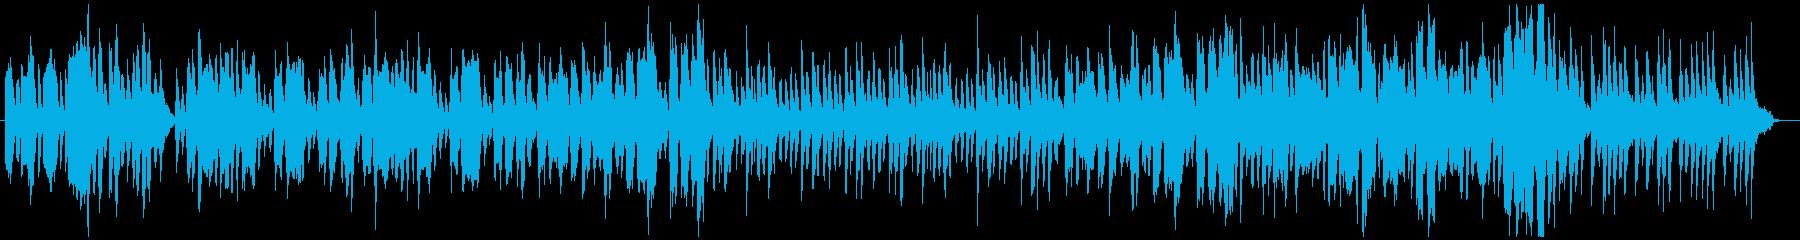 昔話に使われるようなほのぼのした音楽の再生済みの波形